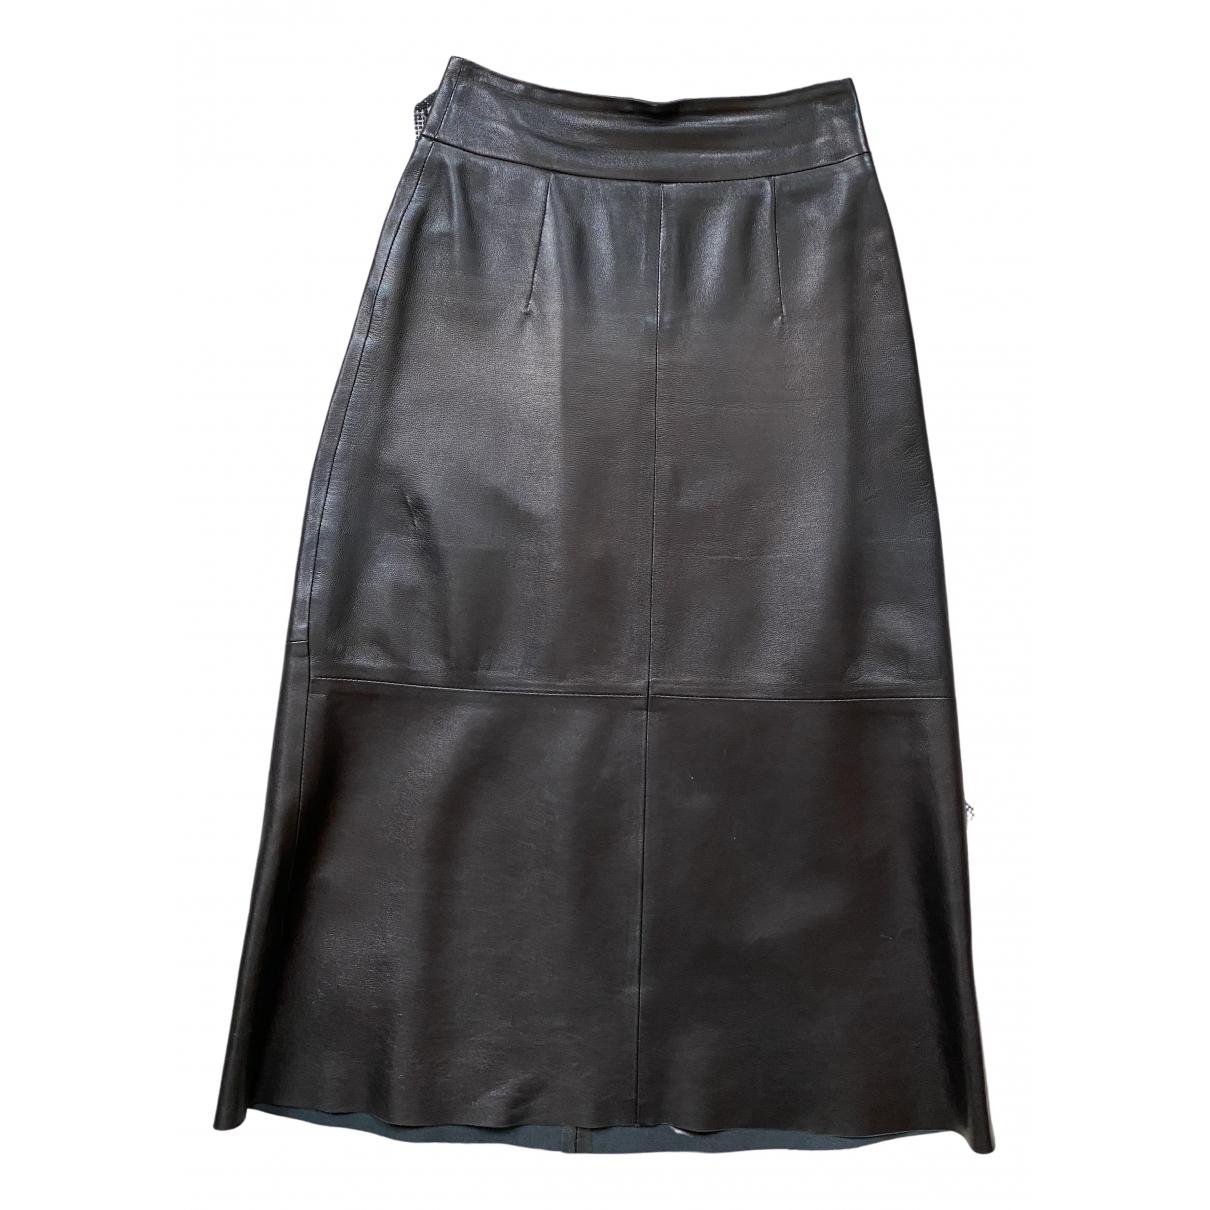 Arket - Jupe   pour femme en cuir - noir